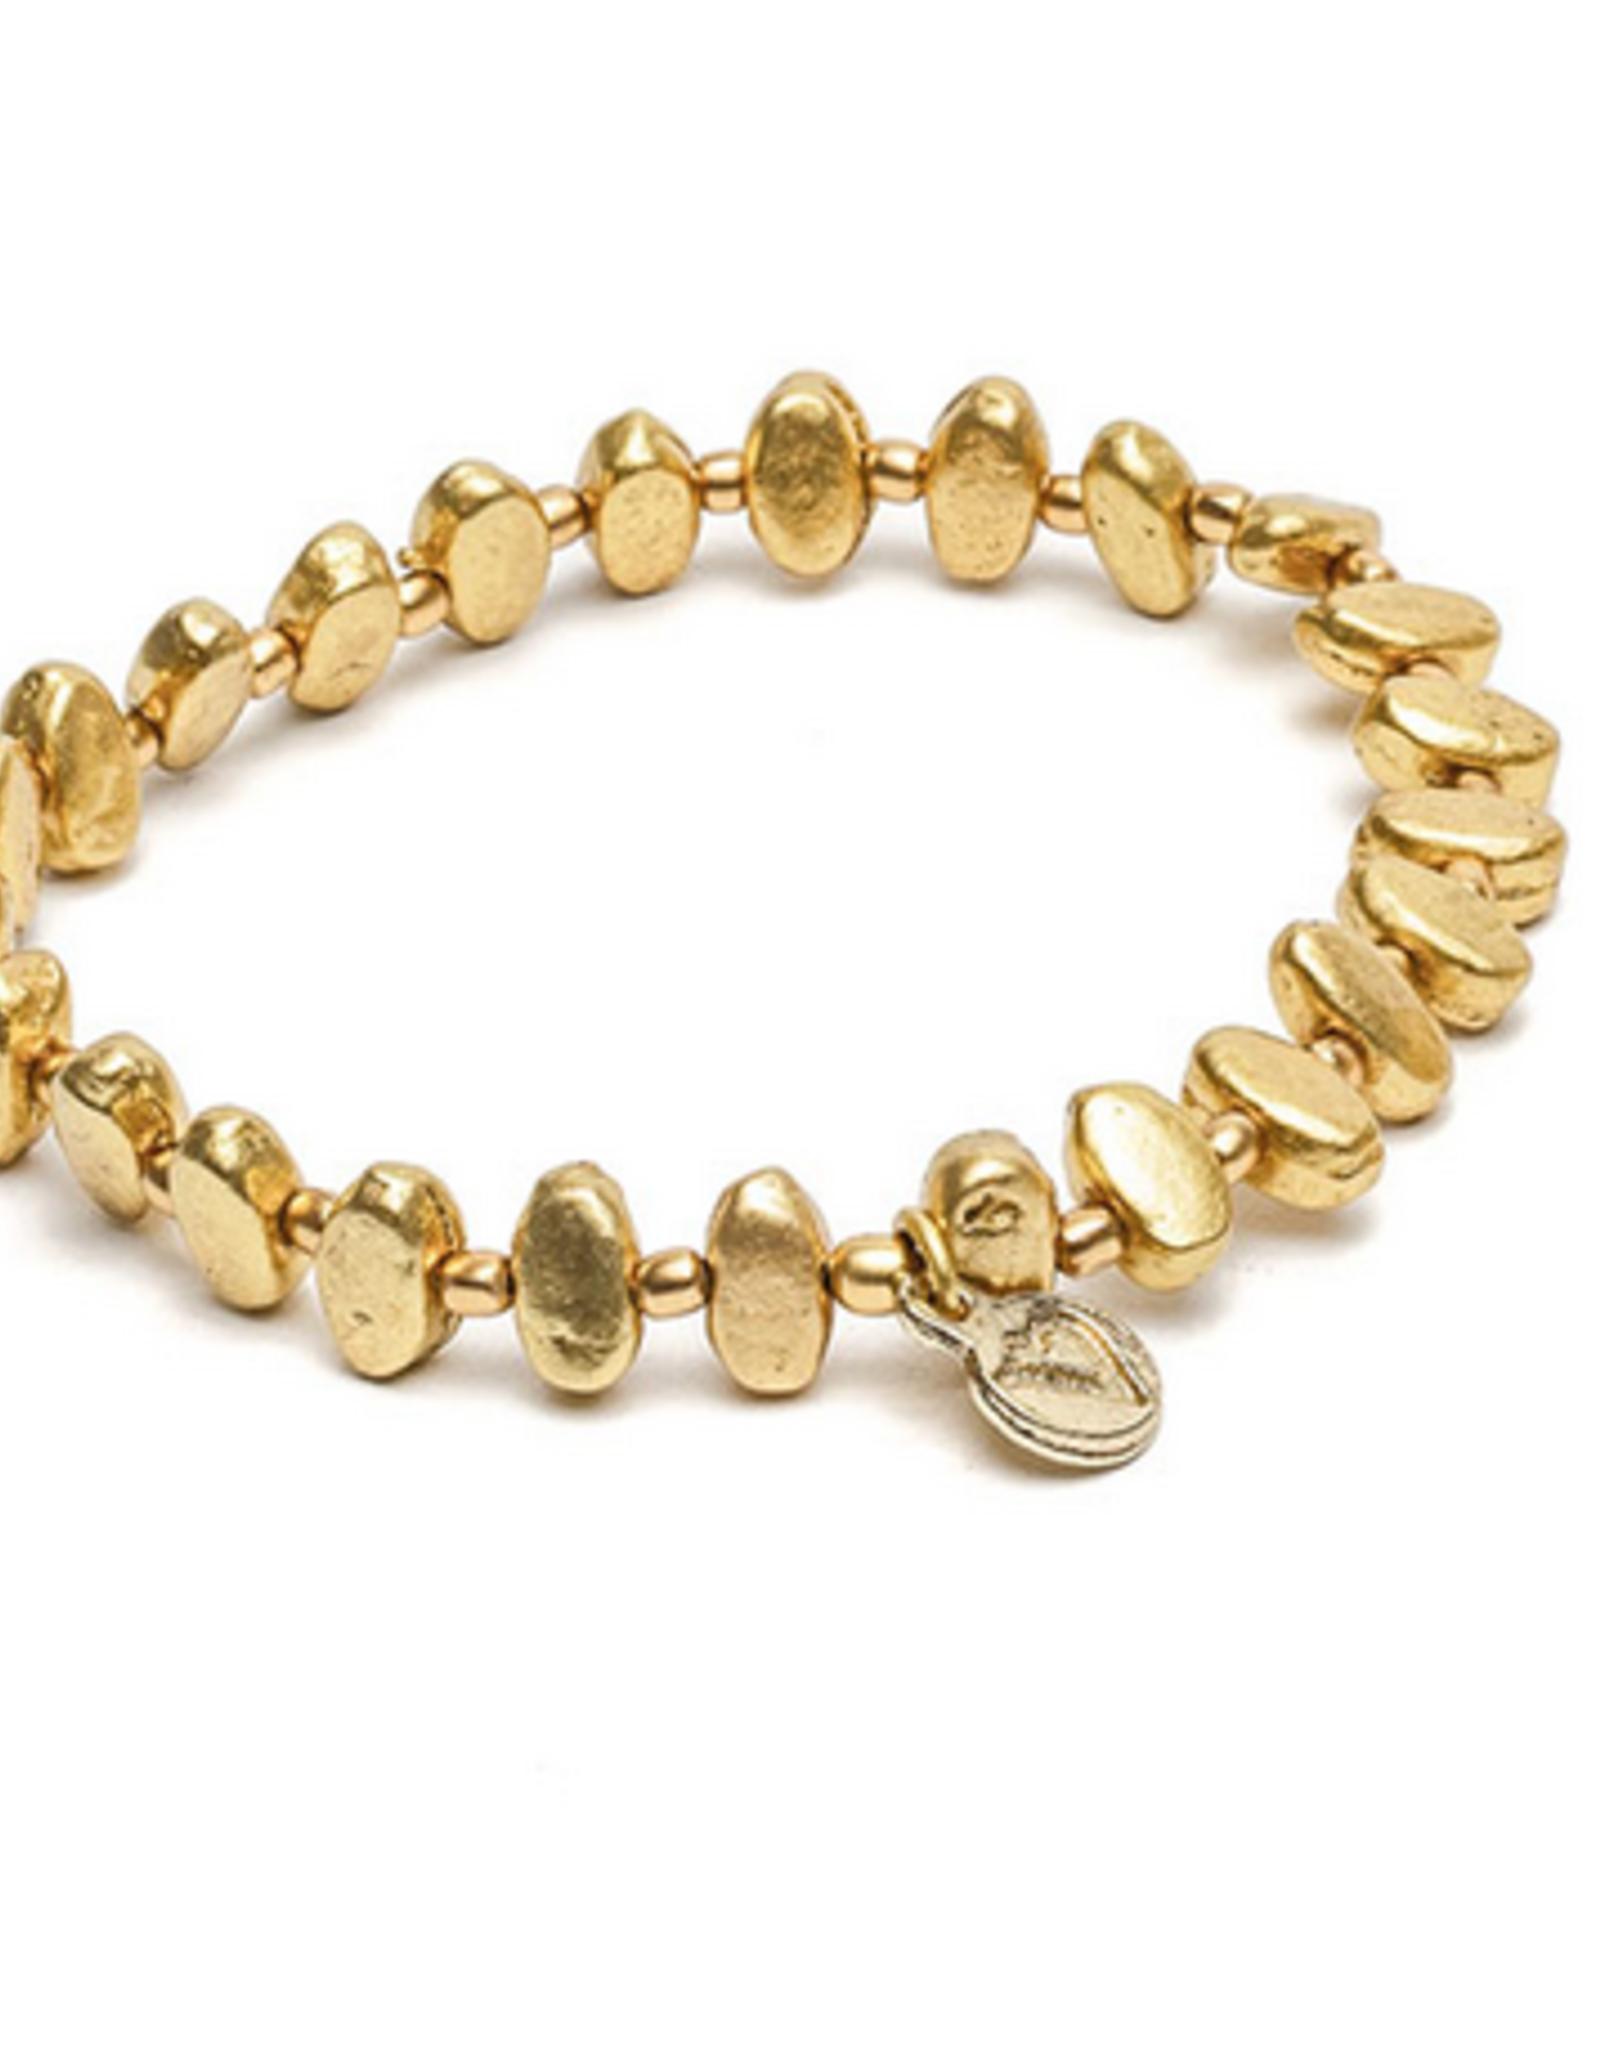 VESTOPAZZO Brass Oval Elastic Bracelet